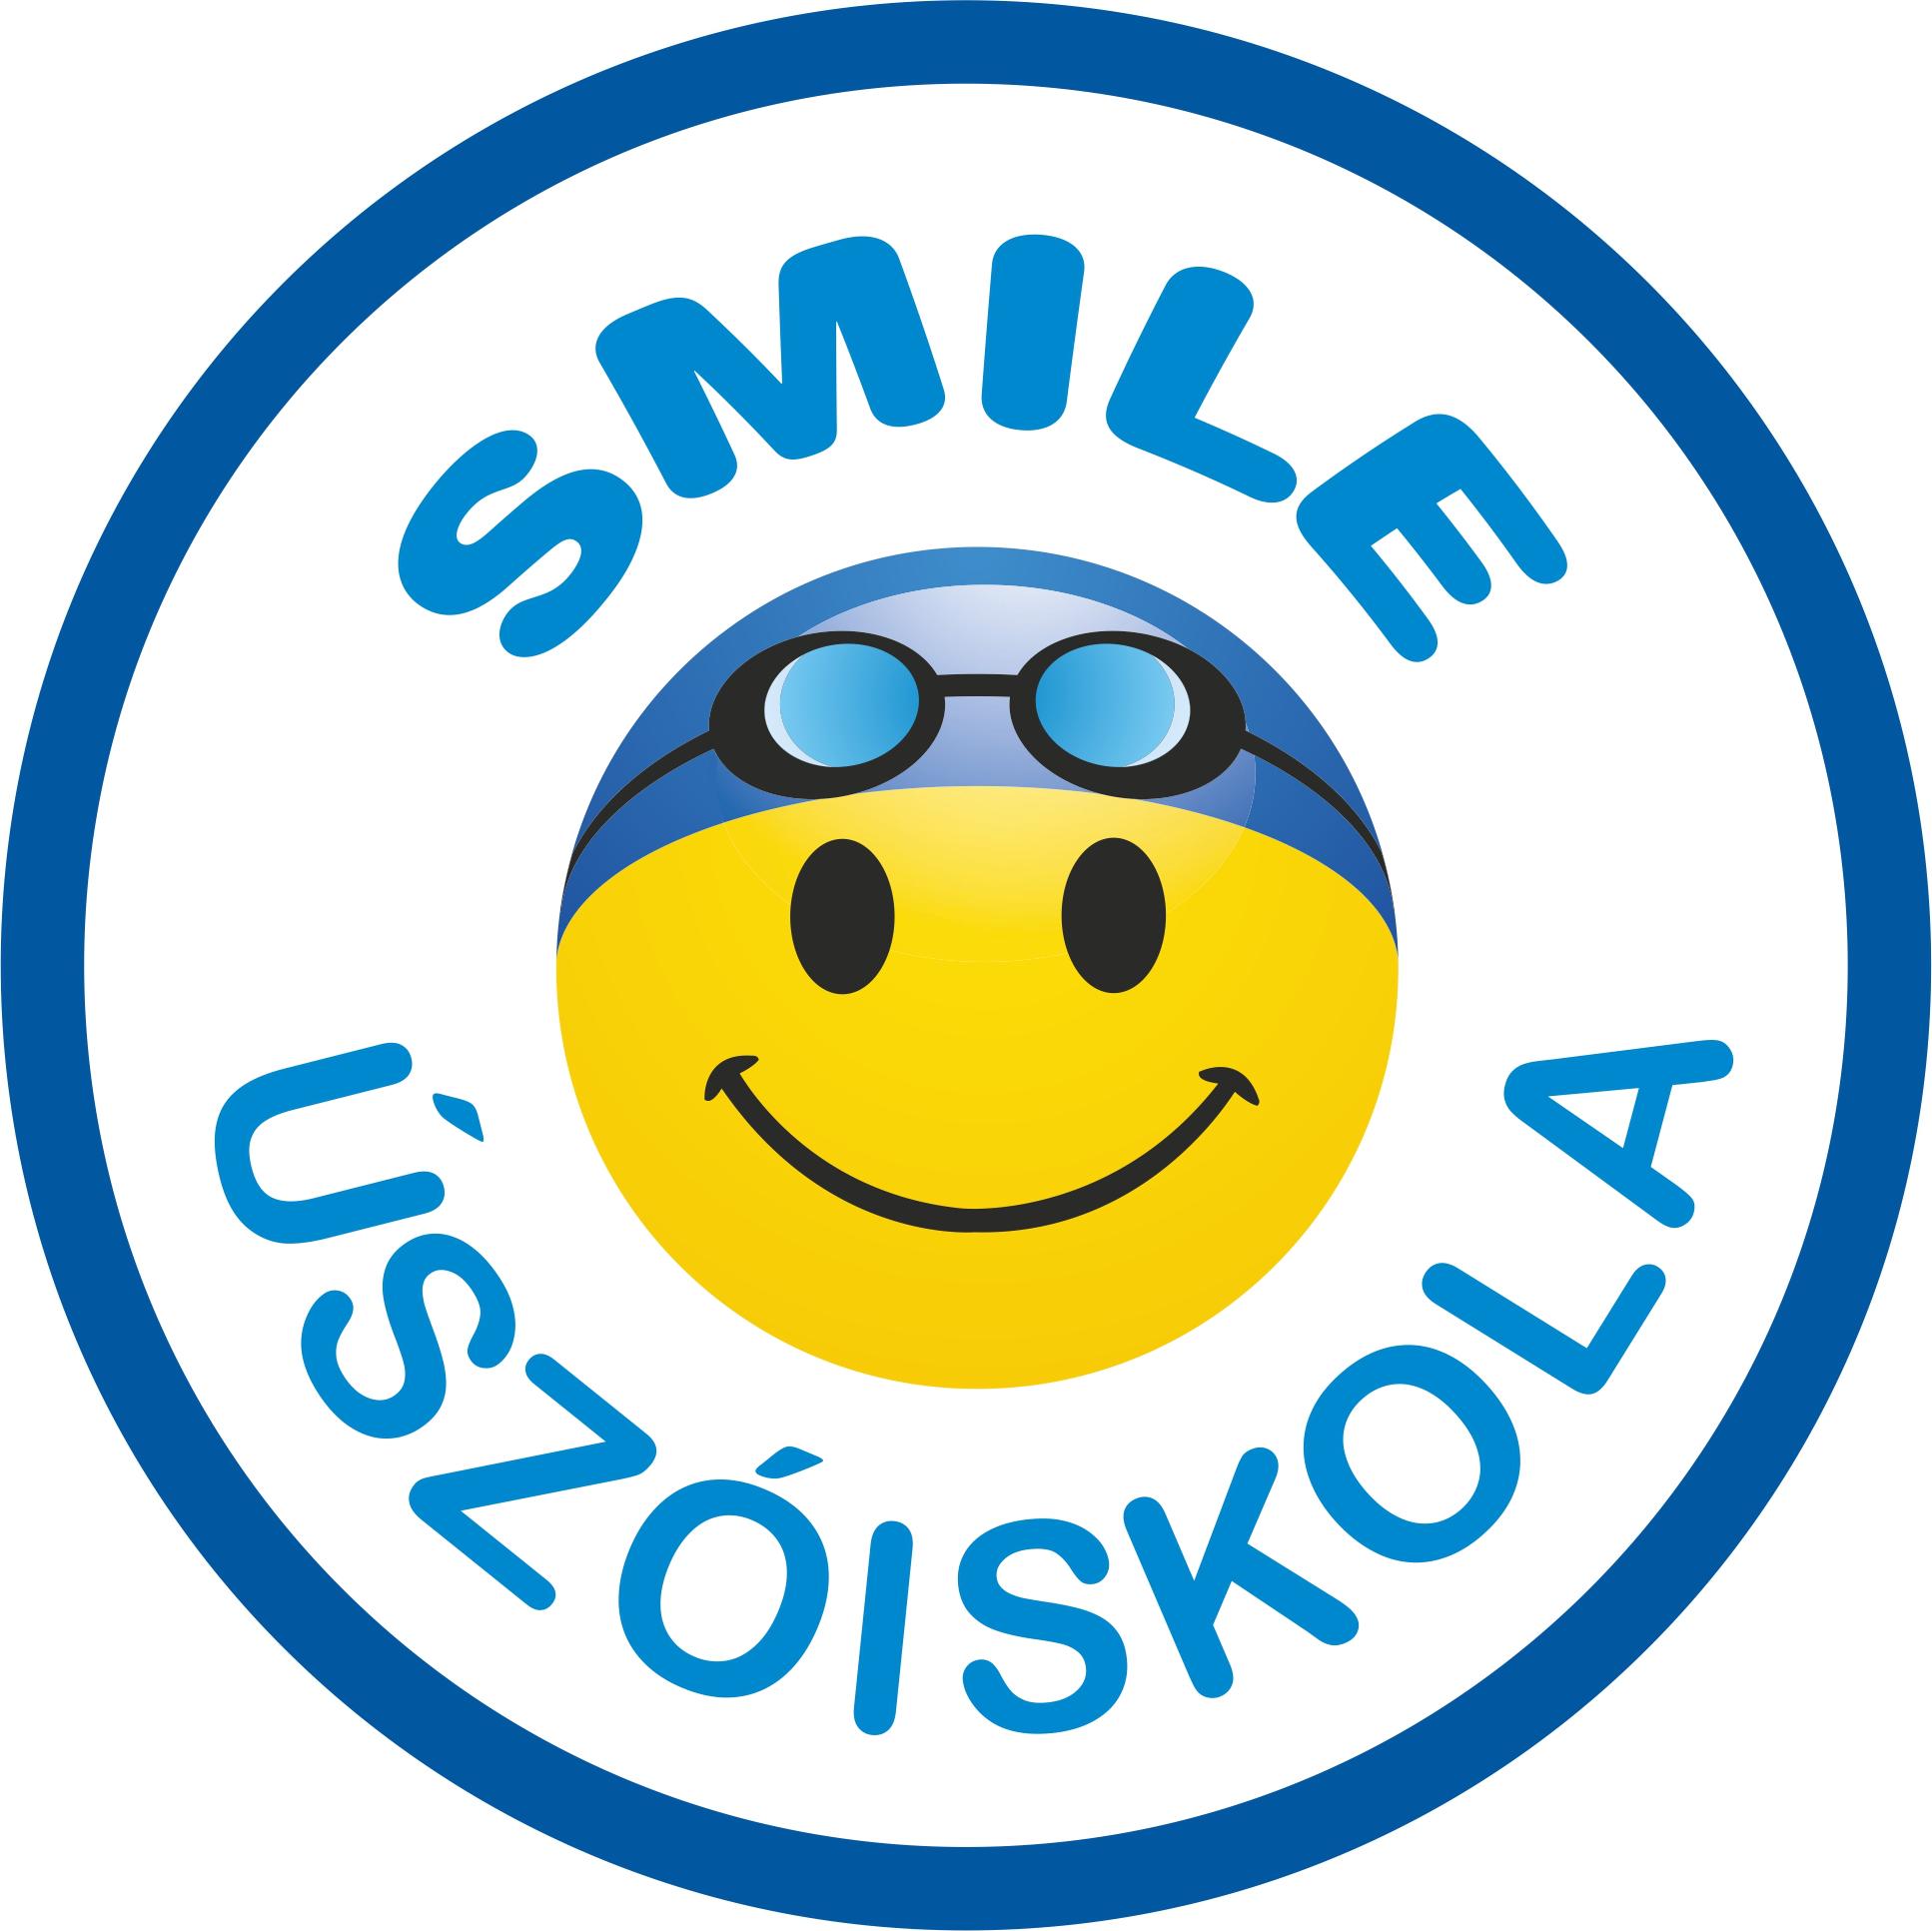 Smile Úszóiskola úszásoktatás Budapest